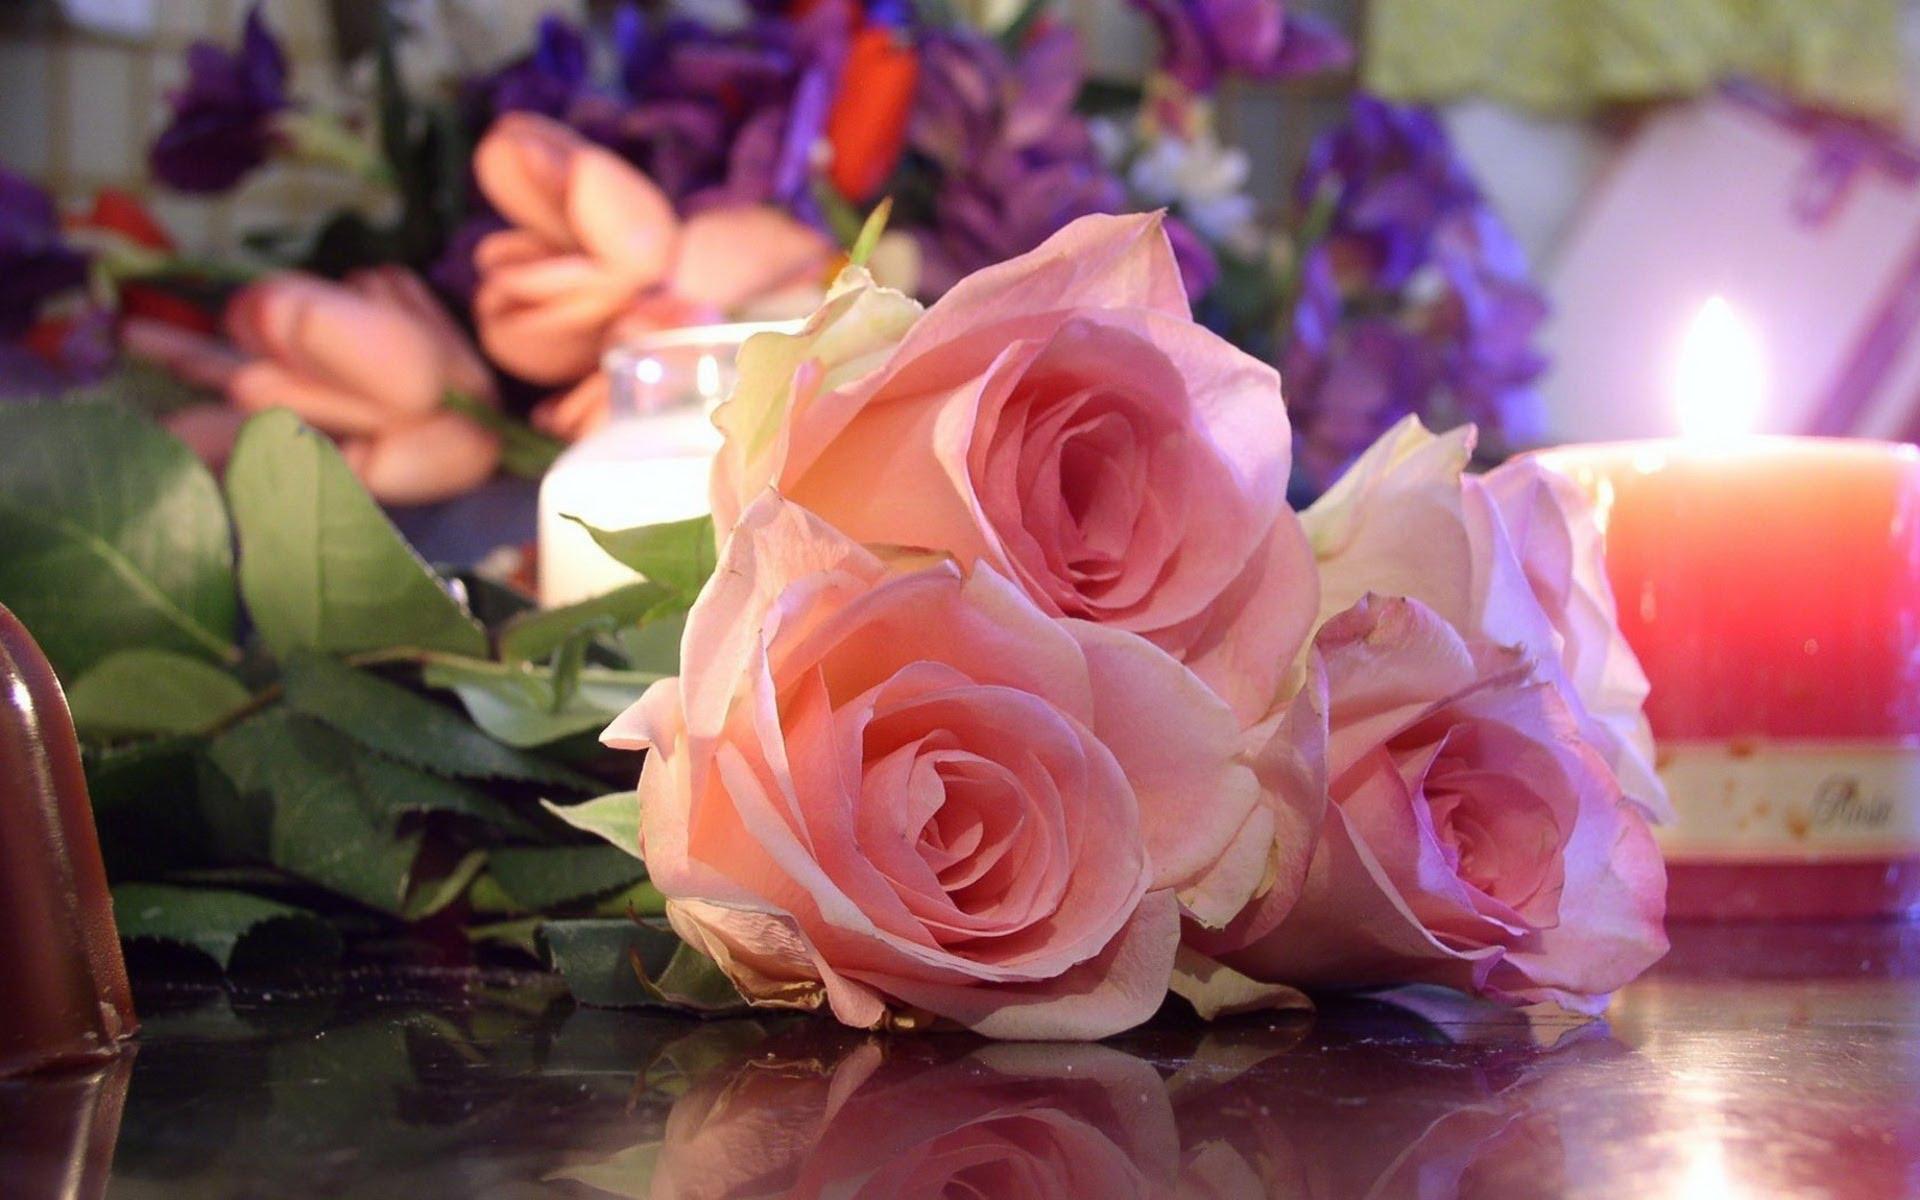 بالصور صور ورود روعه , اجمل صور الورود الرقيقة 3469 10